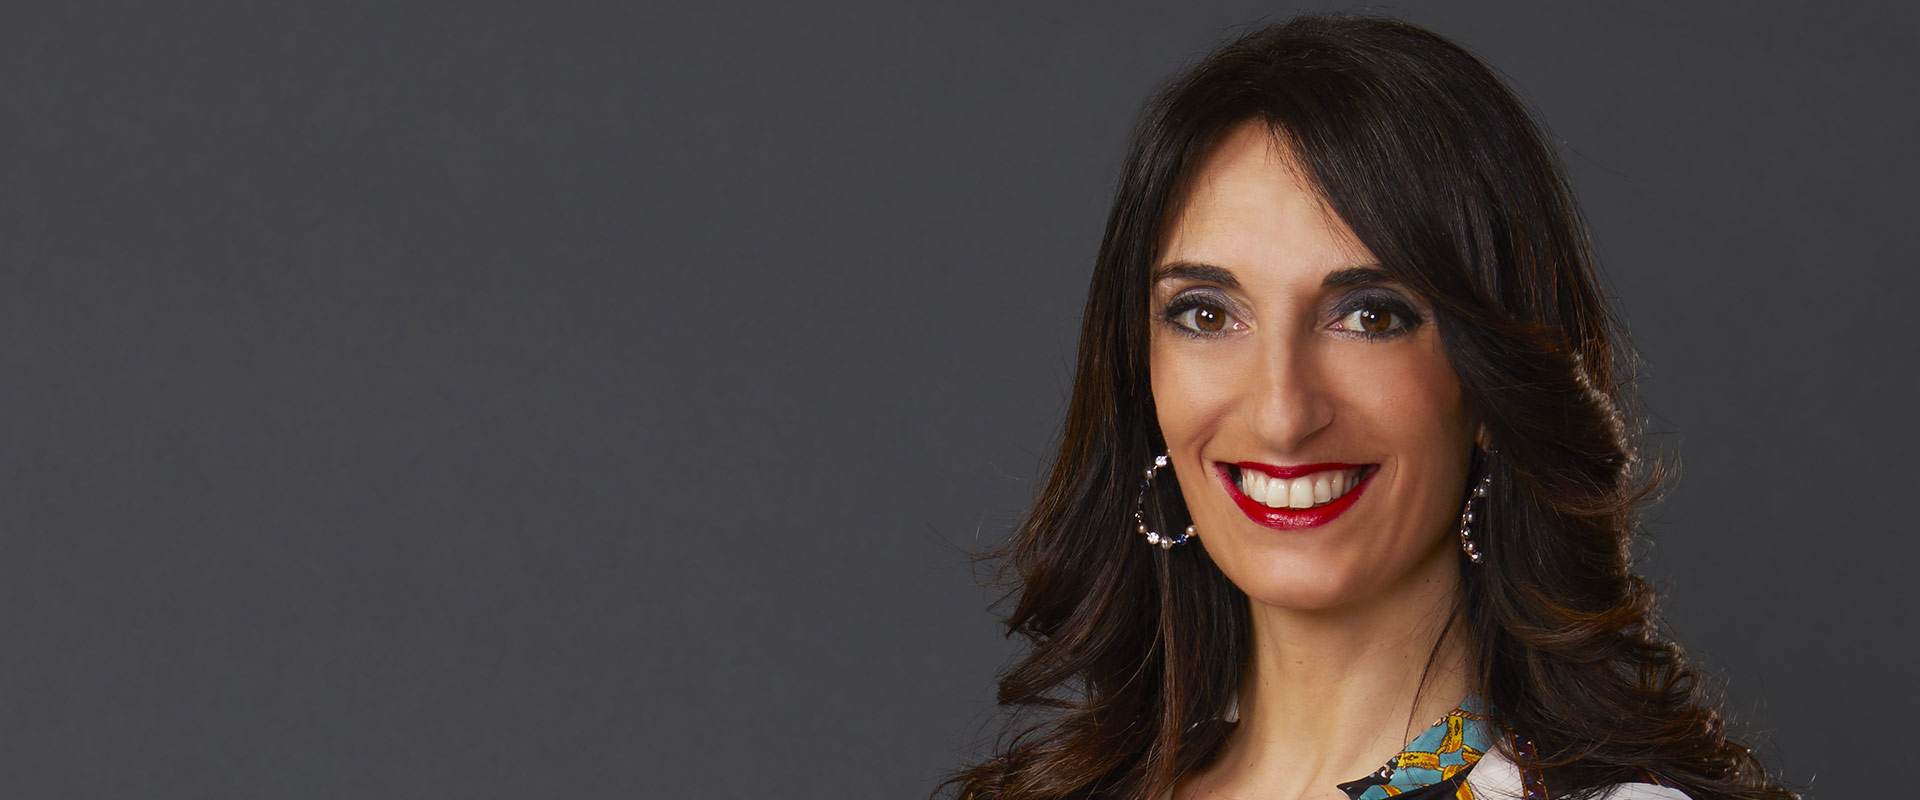 Dott.ssa Giorgia Garofano